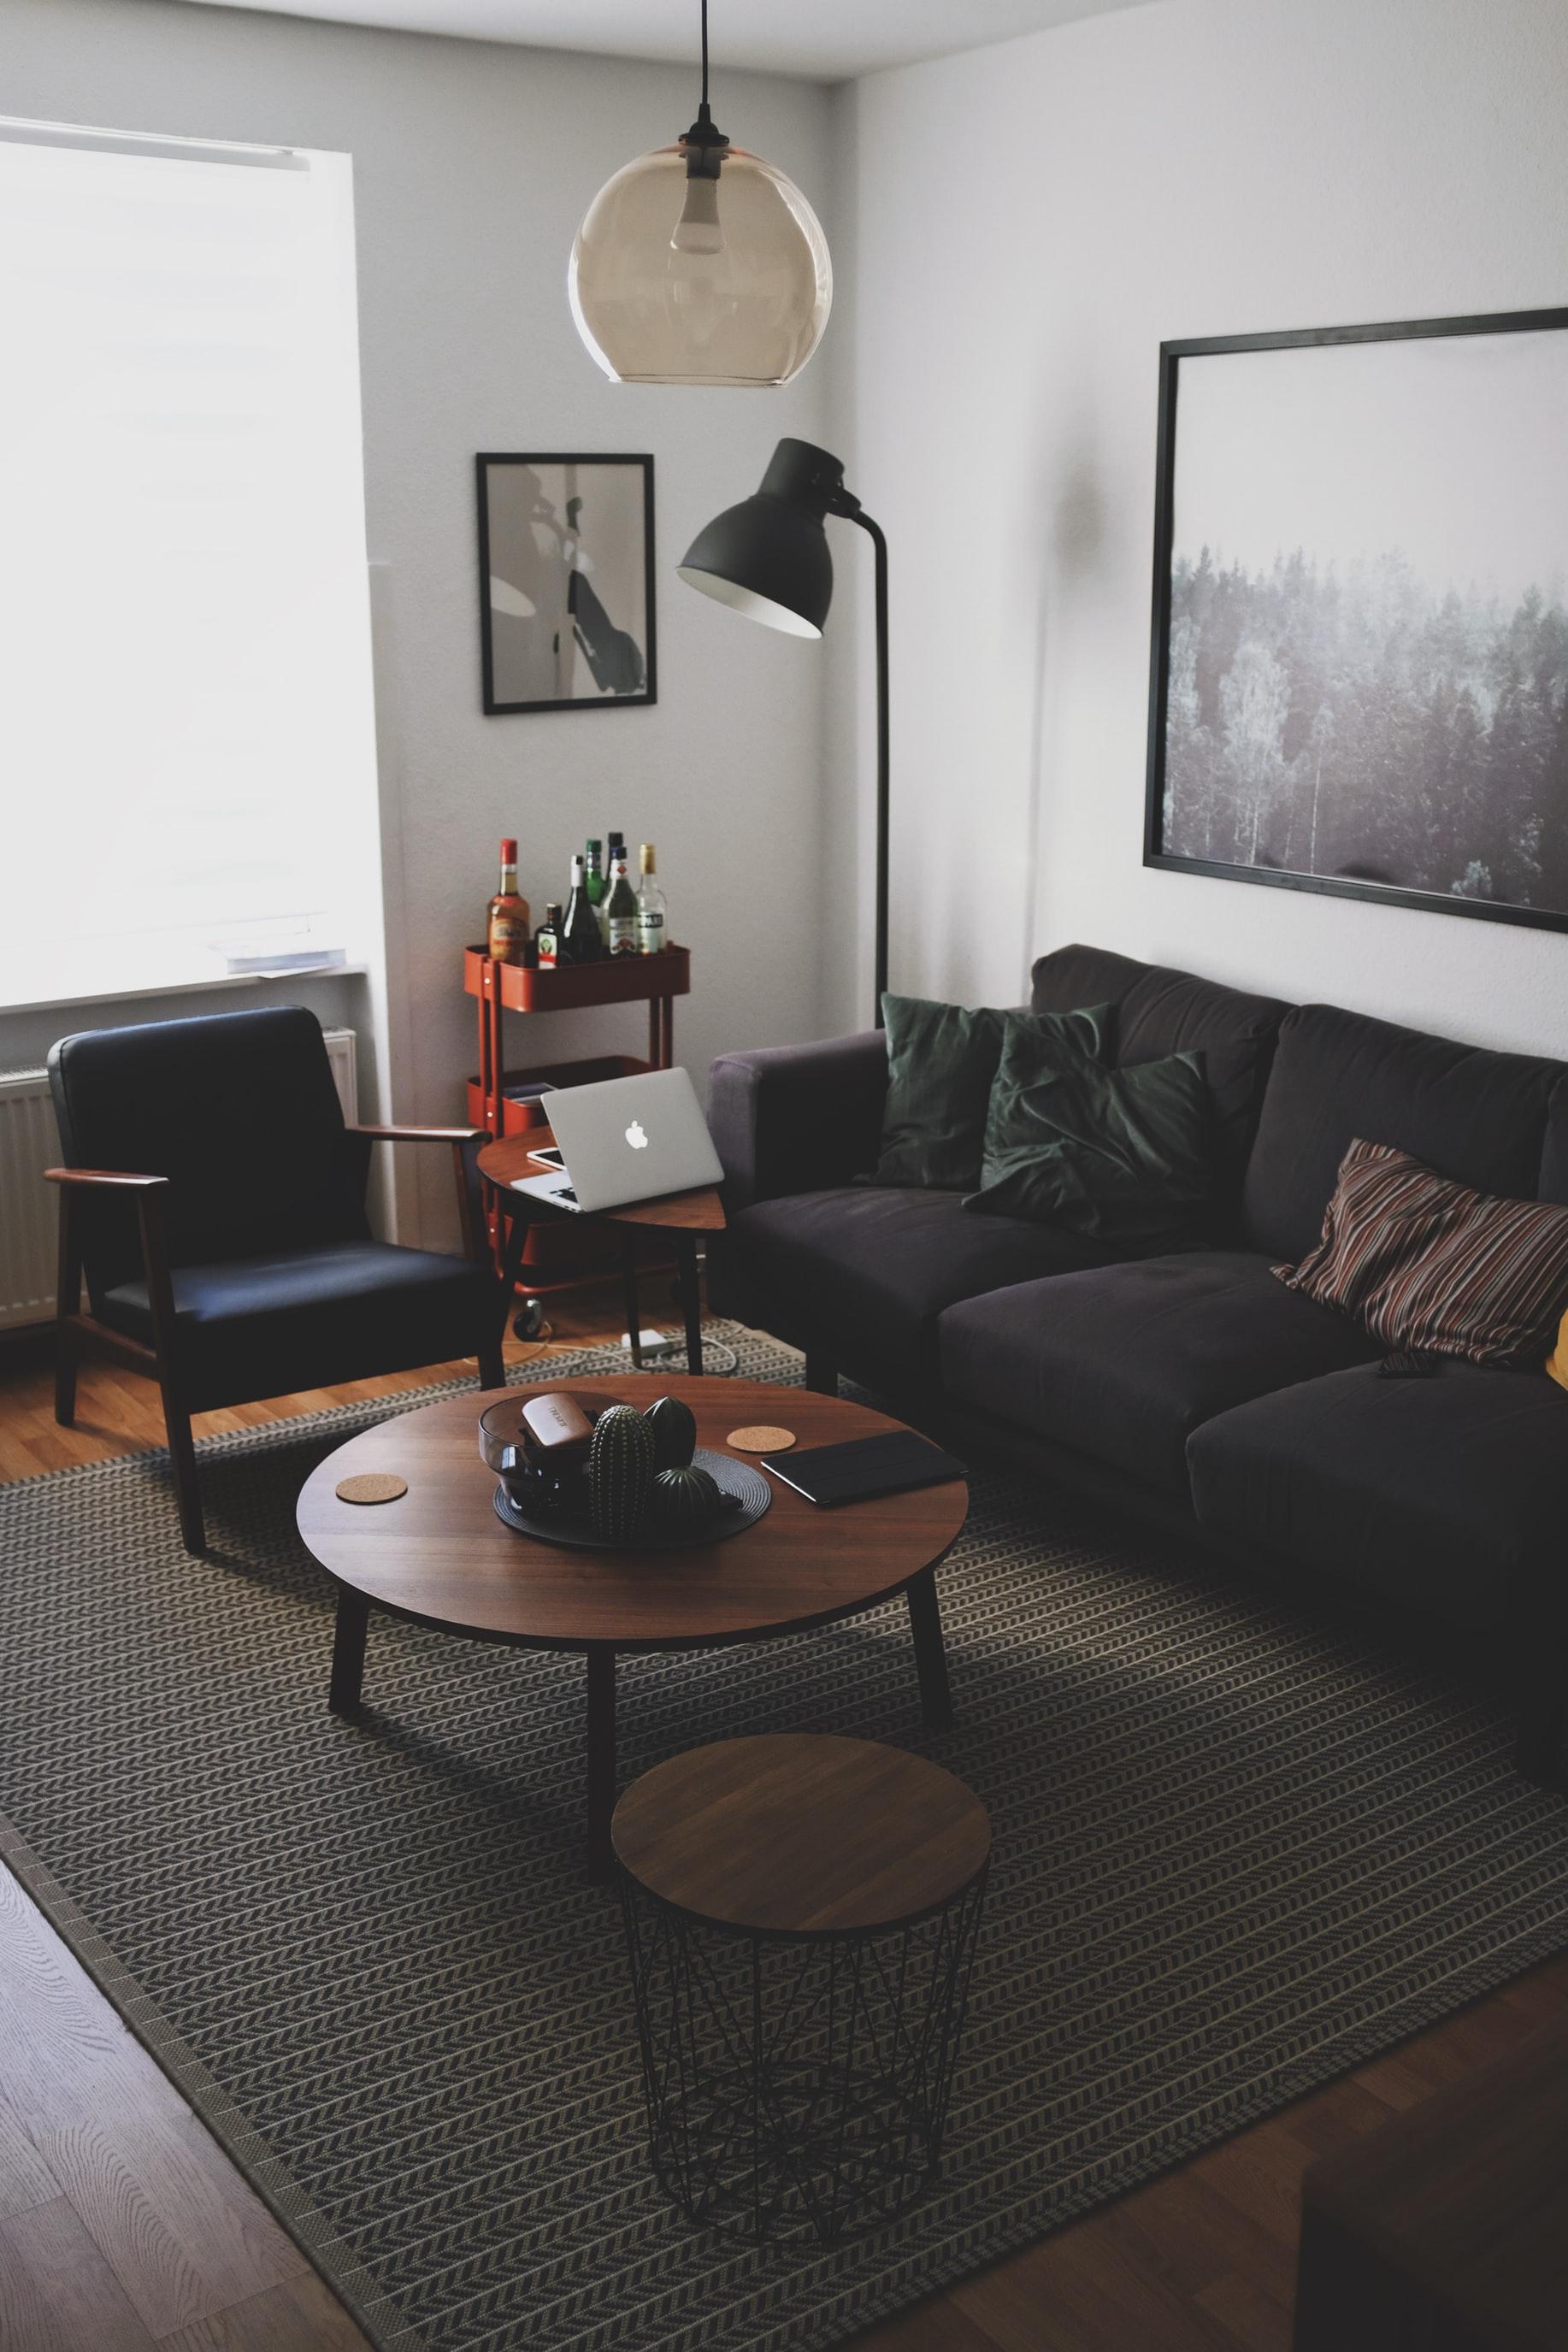 Как обустроить маленькую квартиру: главные «да» и «нет»-Фото 3